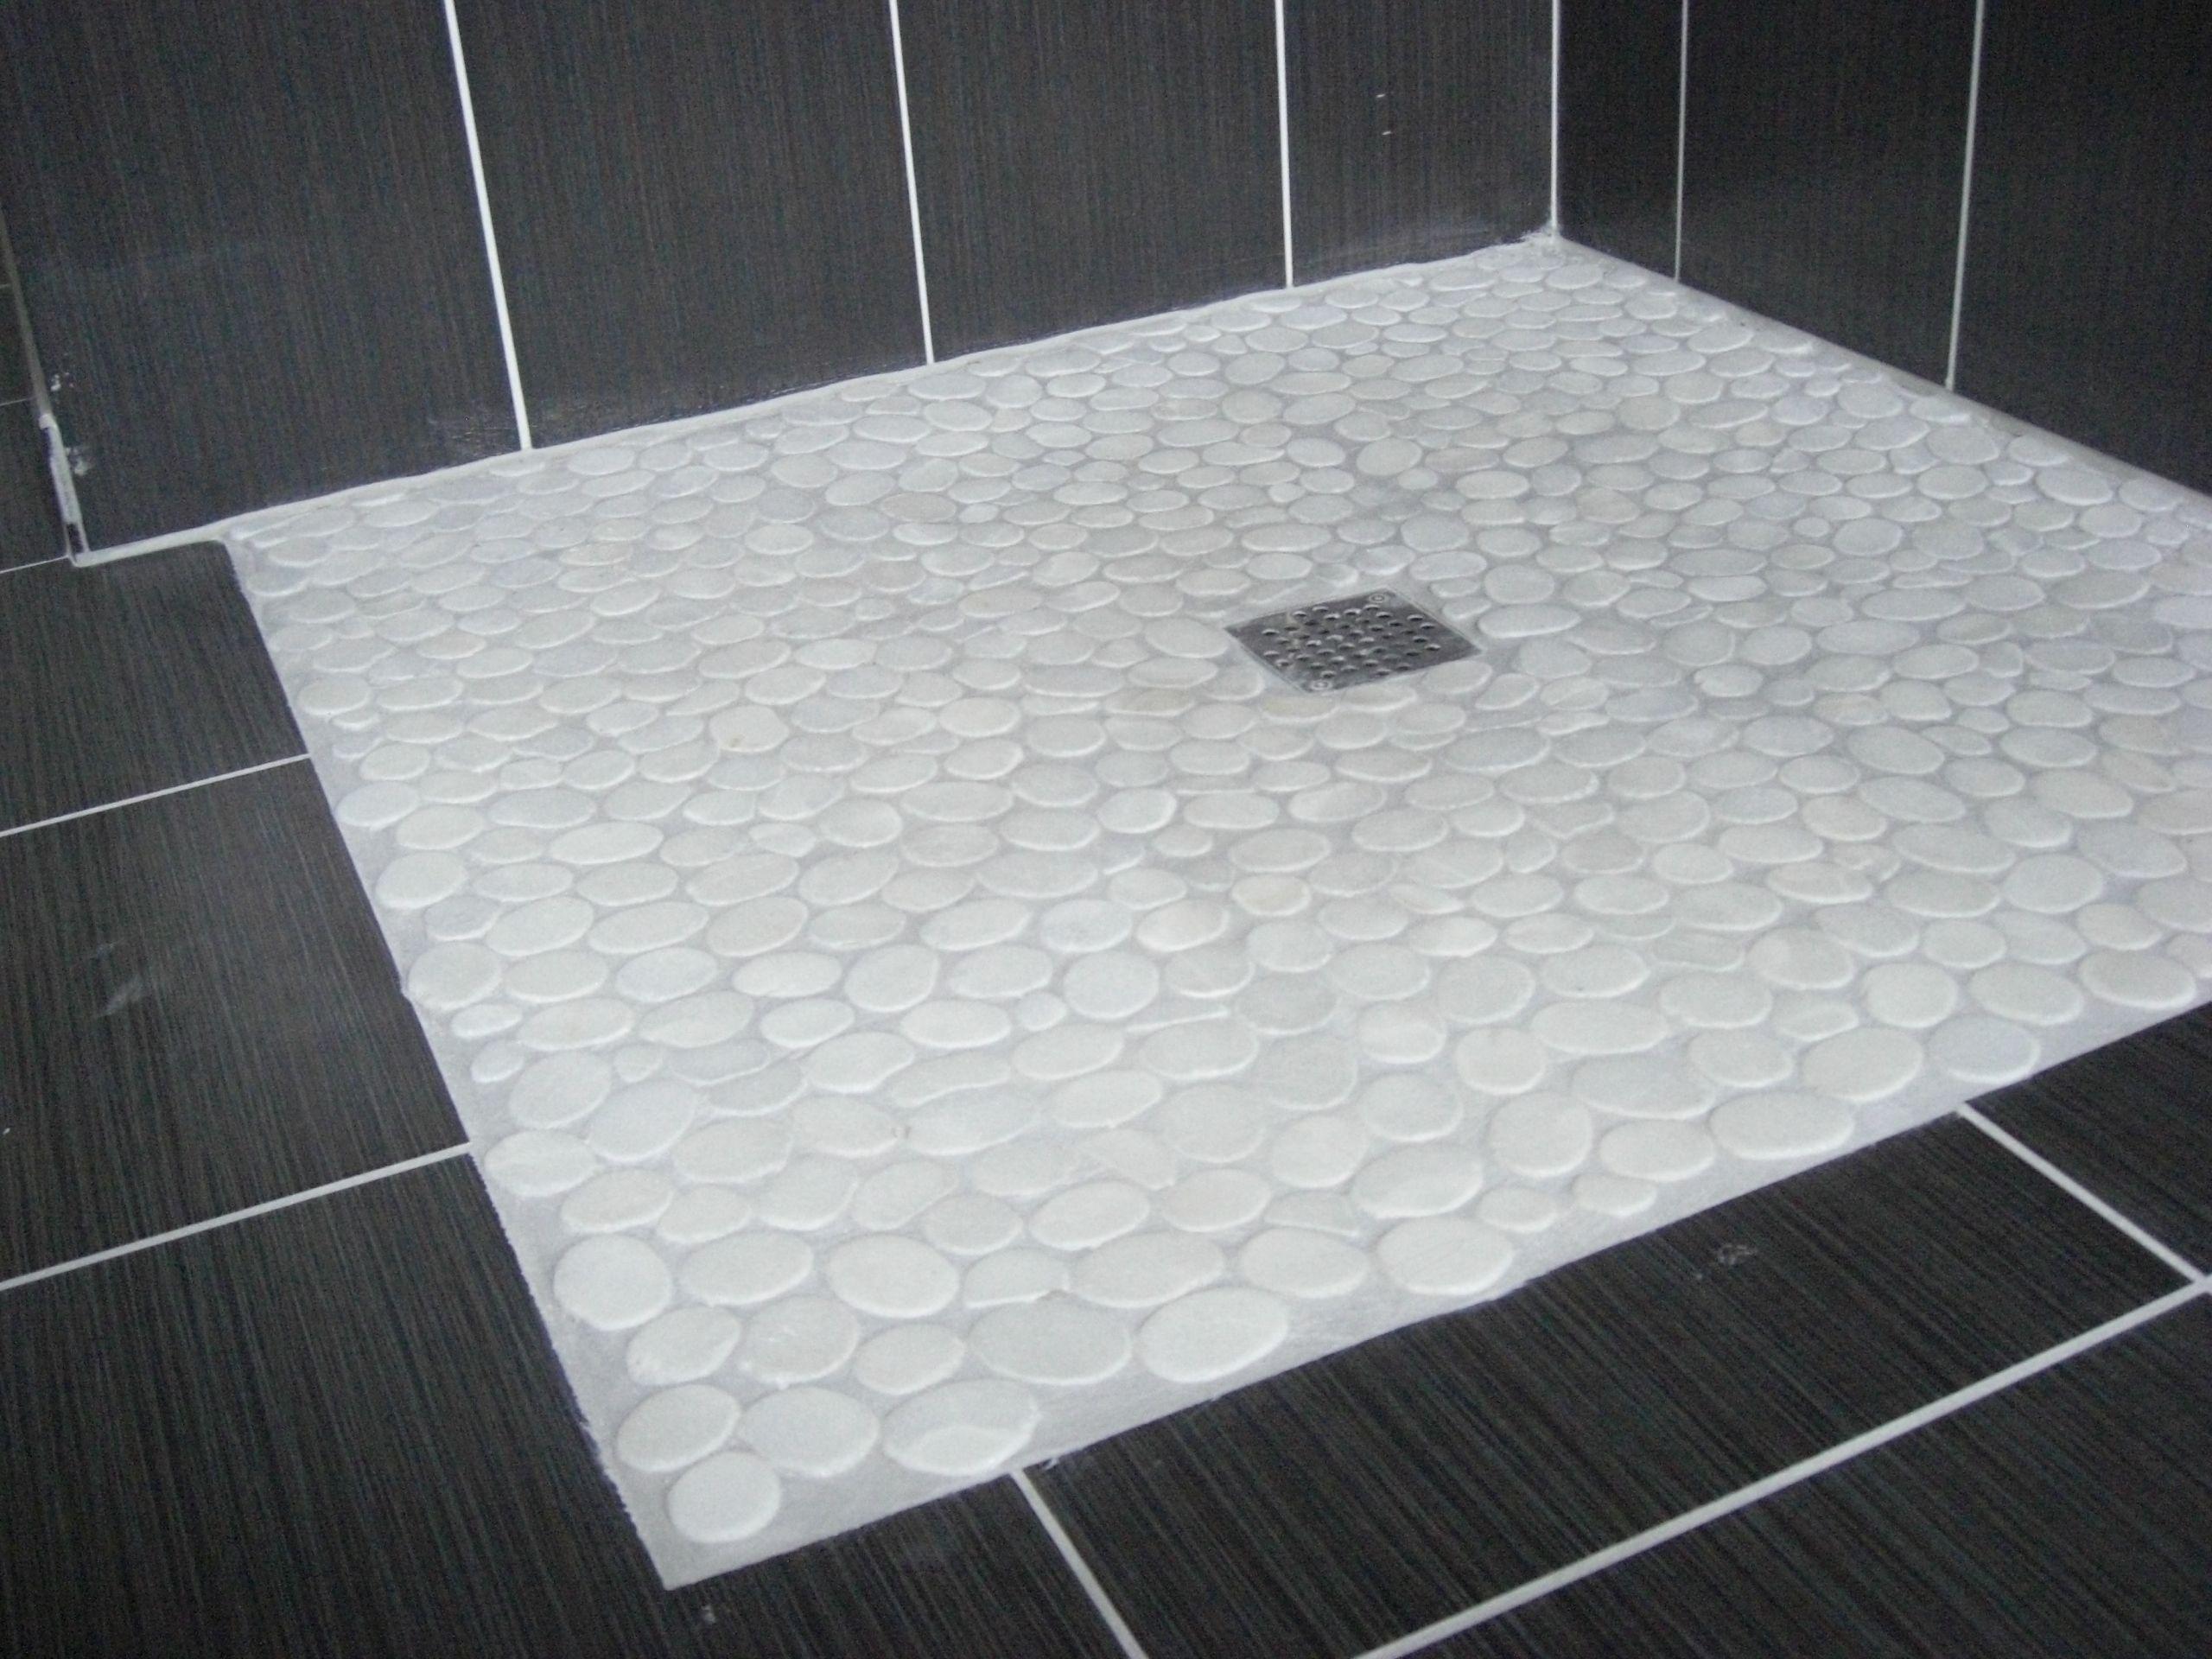 sol en galets blancs pour cette douche l 39 italienne retrouvez ce produit sur notre site web. Black Bedroom Furniture Sets. Home Design Ideas